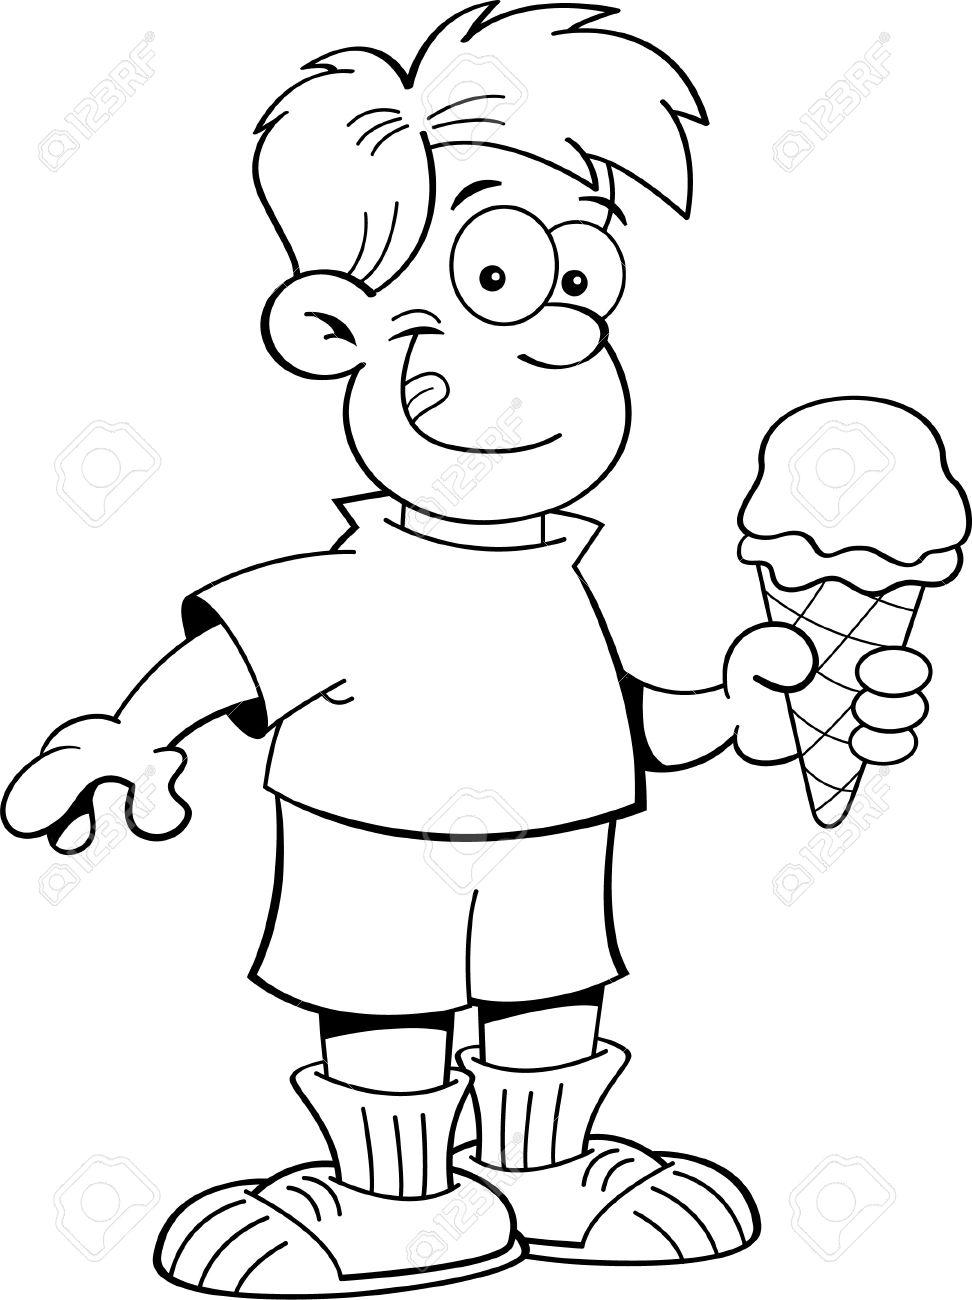 Ilustración En Blanco Y Negro De Un Niño Comiendo Un Helado ...